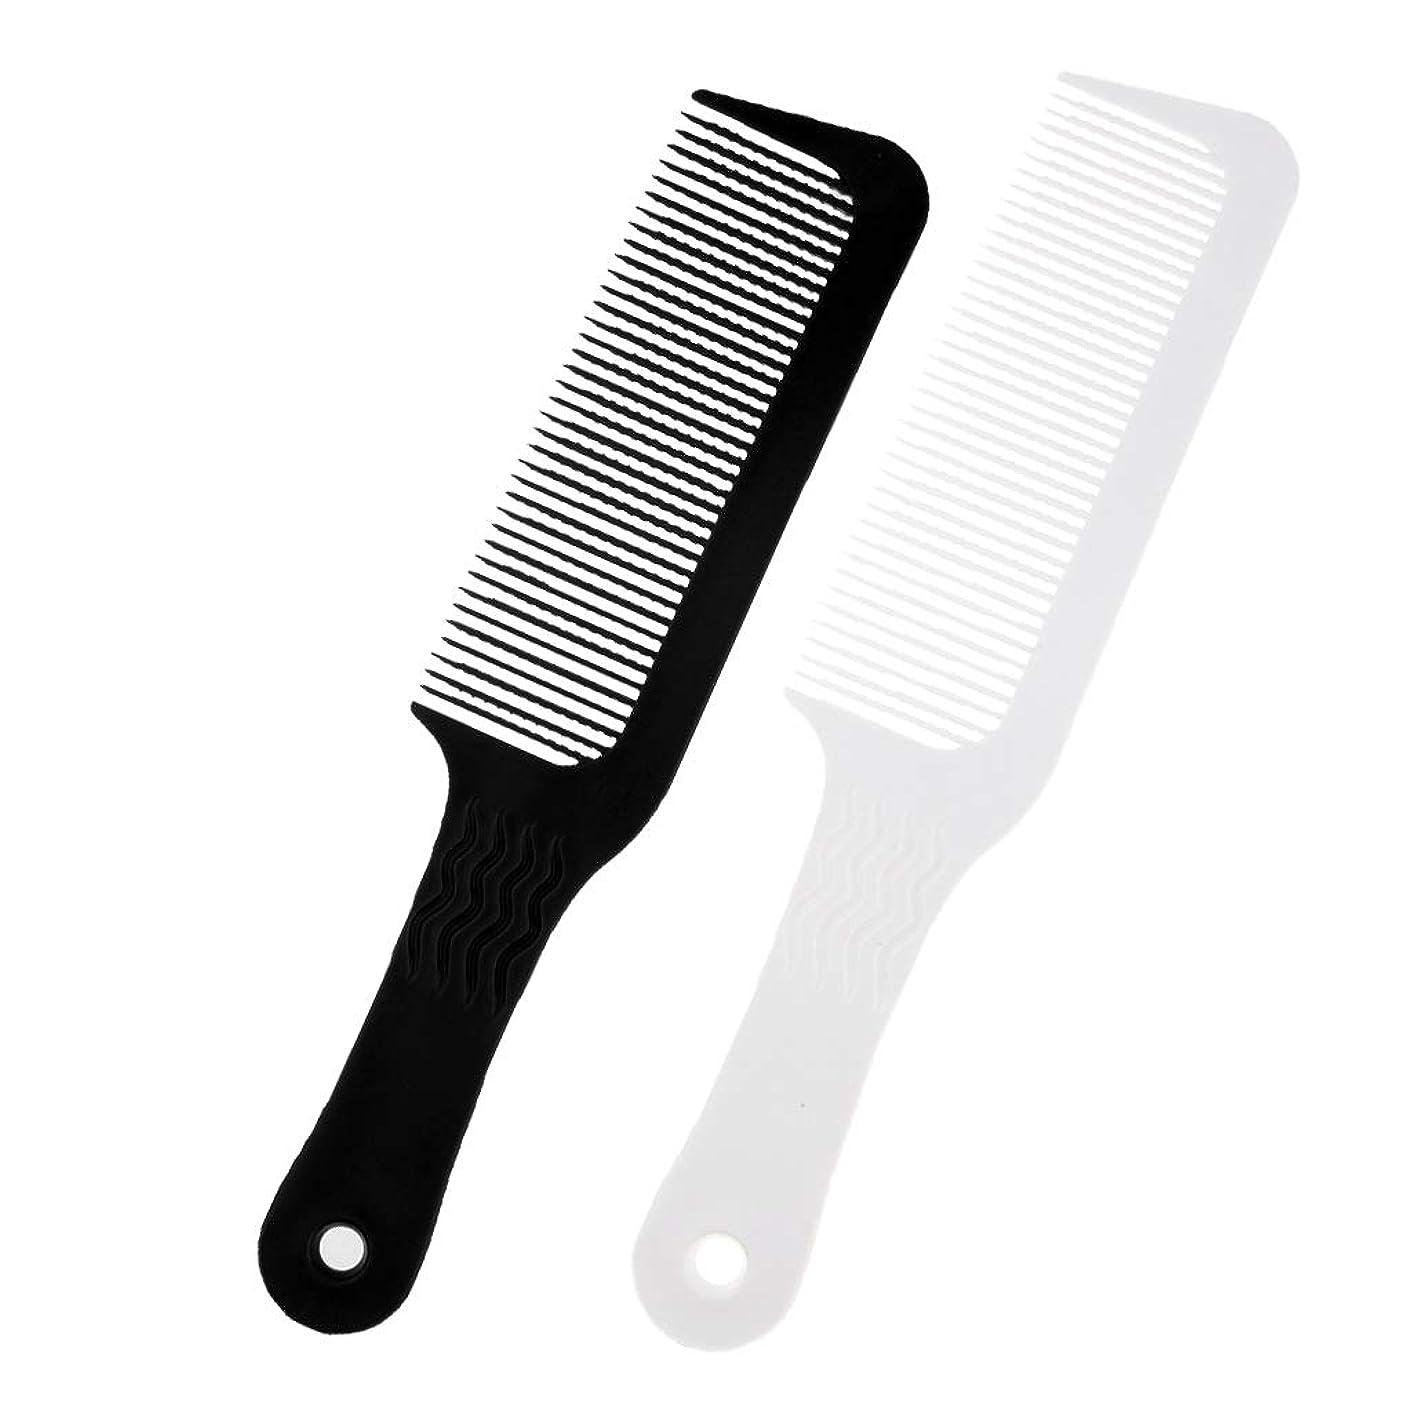 でるグラディス中絶Toygogo プロ3ピース理髪サロンフラットトップクリッパーくし美容師スタイリング切削デタングルブラシツール